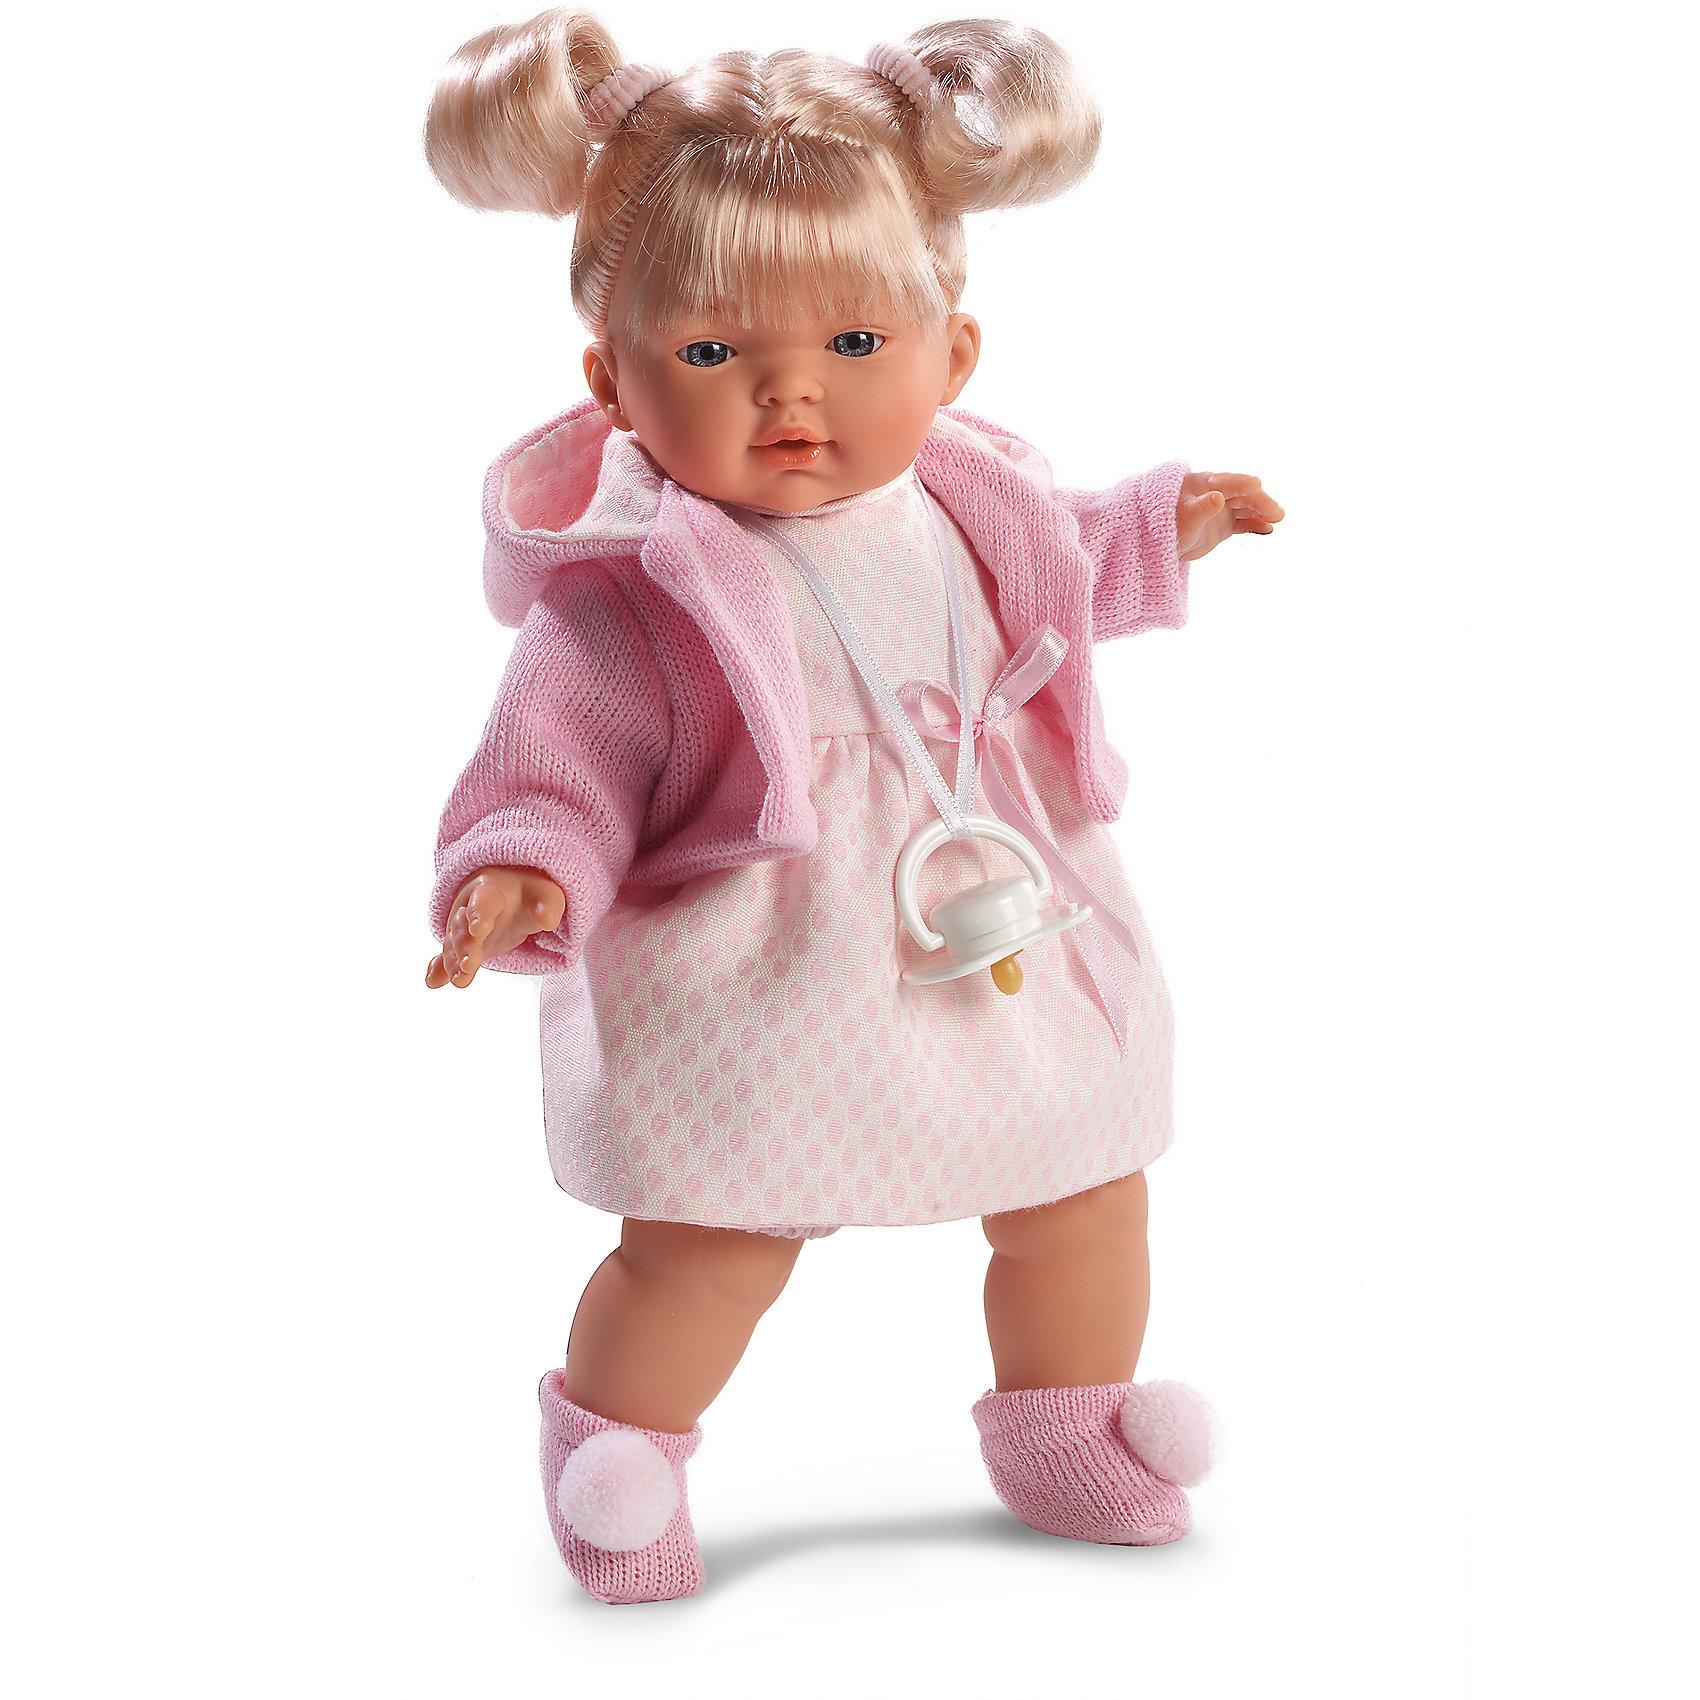 Кукла Мария, 33 см, LlorensКлассические куклы<br>Характеристики:<br><br>• Предназначение: для сюжетно-ролевых игр<br>• Тип куклы: мягконабивная<br>• Пол куклы: девочка <br>• Цвет волос: блондинка<br>• Материал: поливинилхлорид, пластик, нейлон, текстиль<br>• Цвет: розовый, белый<br>• Высота куклы: 33 см<br>• Комплектация: кукла, платье, жакет с капюшоном, носочки, пустышка на ленточке<br>• Вес: 660 г<br>• Размеры упаковки (Д*В*Ш): 20*37*10 см<br>• Упаковка: подарочная картонная коробка <br>• Особенности ухода: допускается деликатная стирка без использования красящих и отбеливающих средств предметов одежды куклы<br><br>Кукла Мария 33 см без звука – кукла, производителем которого является всемирно известный испанский кукольный бренд Llorens. Куклы этой торговой марки имеют свою неповторимую внешность и целую линейку образов как пупсов, так и кукол-малышей. Игрушки выполнены из сочетания поливинилхлорида и пластика, что позволяет с высокой долей достоверности воссоздать физиологические и мимические особенности маленьких детей. При изготовлении кукол Llorens используются только сертифицированные материалы, безопасные и не вызывающие аллергических реакций. Волосы у кукол отличаются густотой, шелковистостью и блеском, при расчесывании они не выпадают и не ломаются.<br>Кукла Мария 33 см без звука выполнена в образе малышки: блондинка с голубыми глазами и задорными хвостиками. В комплект одежды Марии входит платьице, жакет нежно-зеленого цвета с капюшоном и носочки с помпонами. У малышки имеется соска на ленточке. <br>Кукла Мария 33 см без звука – это идеальный вариант для подарка к различным праздникам и торжествам.<br><br>Куклу Марию 33 см без звука можно купить в нашем интернет-магазине.<br><br>Ширина мм: 20<br>Глубина мм: 37<br>Высота мм: 10<br>Вес г: 660<br>Возраст от месяцев: 36<br>Возраст до месяцев: 84<br>Пол: Женский<br>Возраст: Детский<br>SKU: 5086890